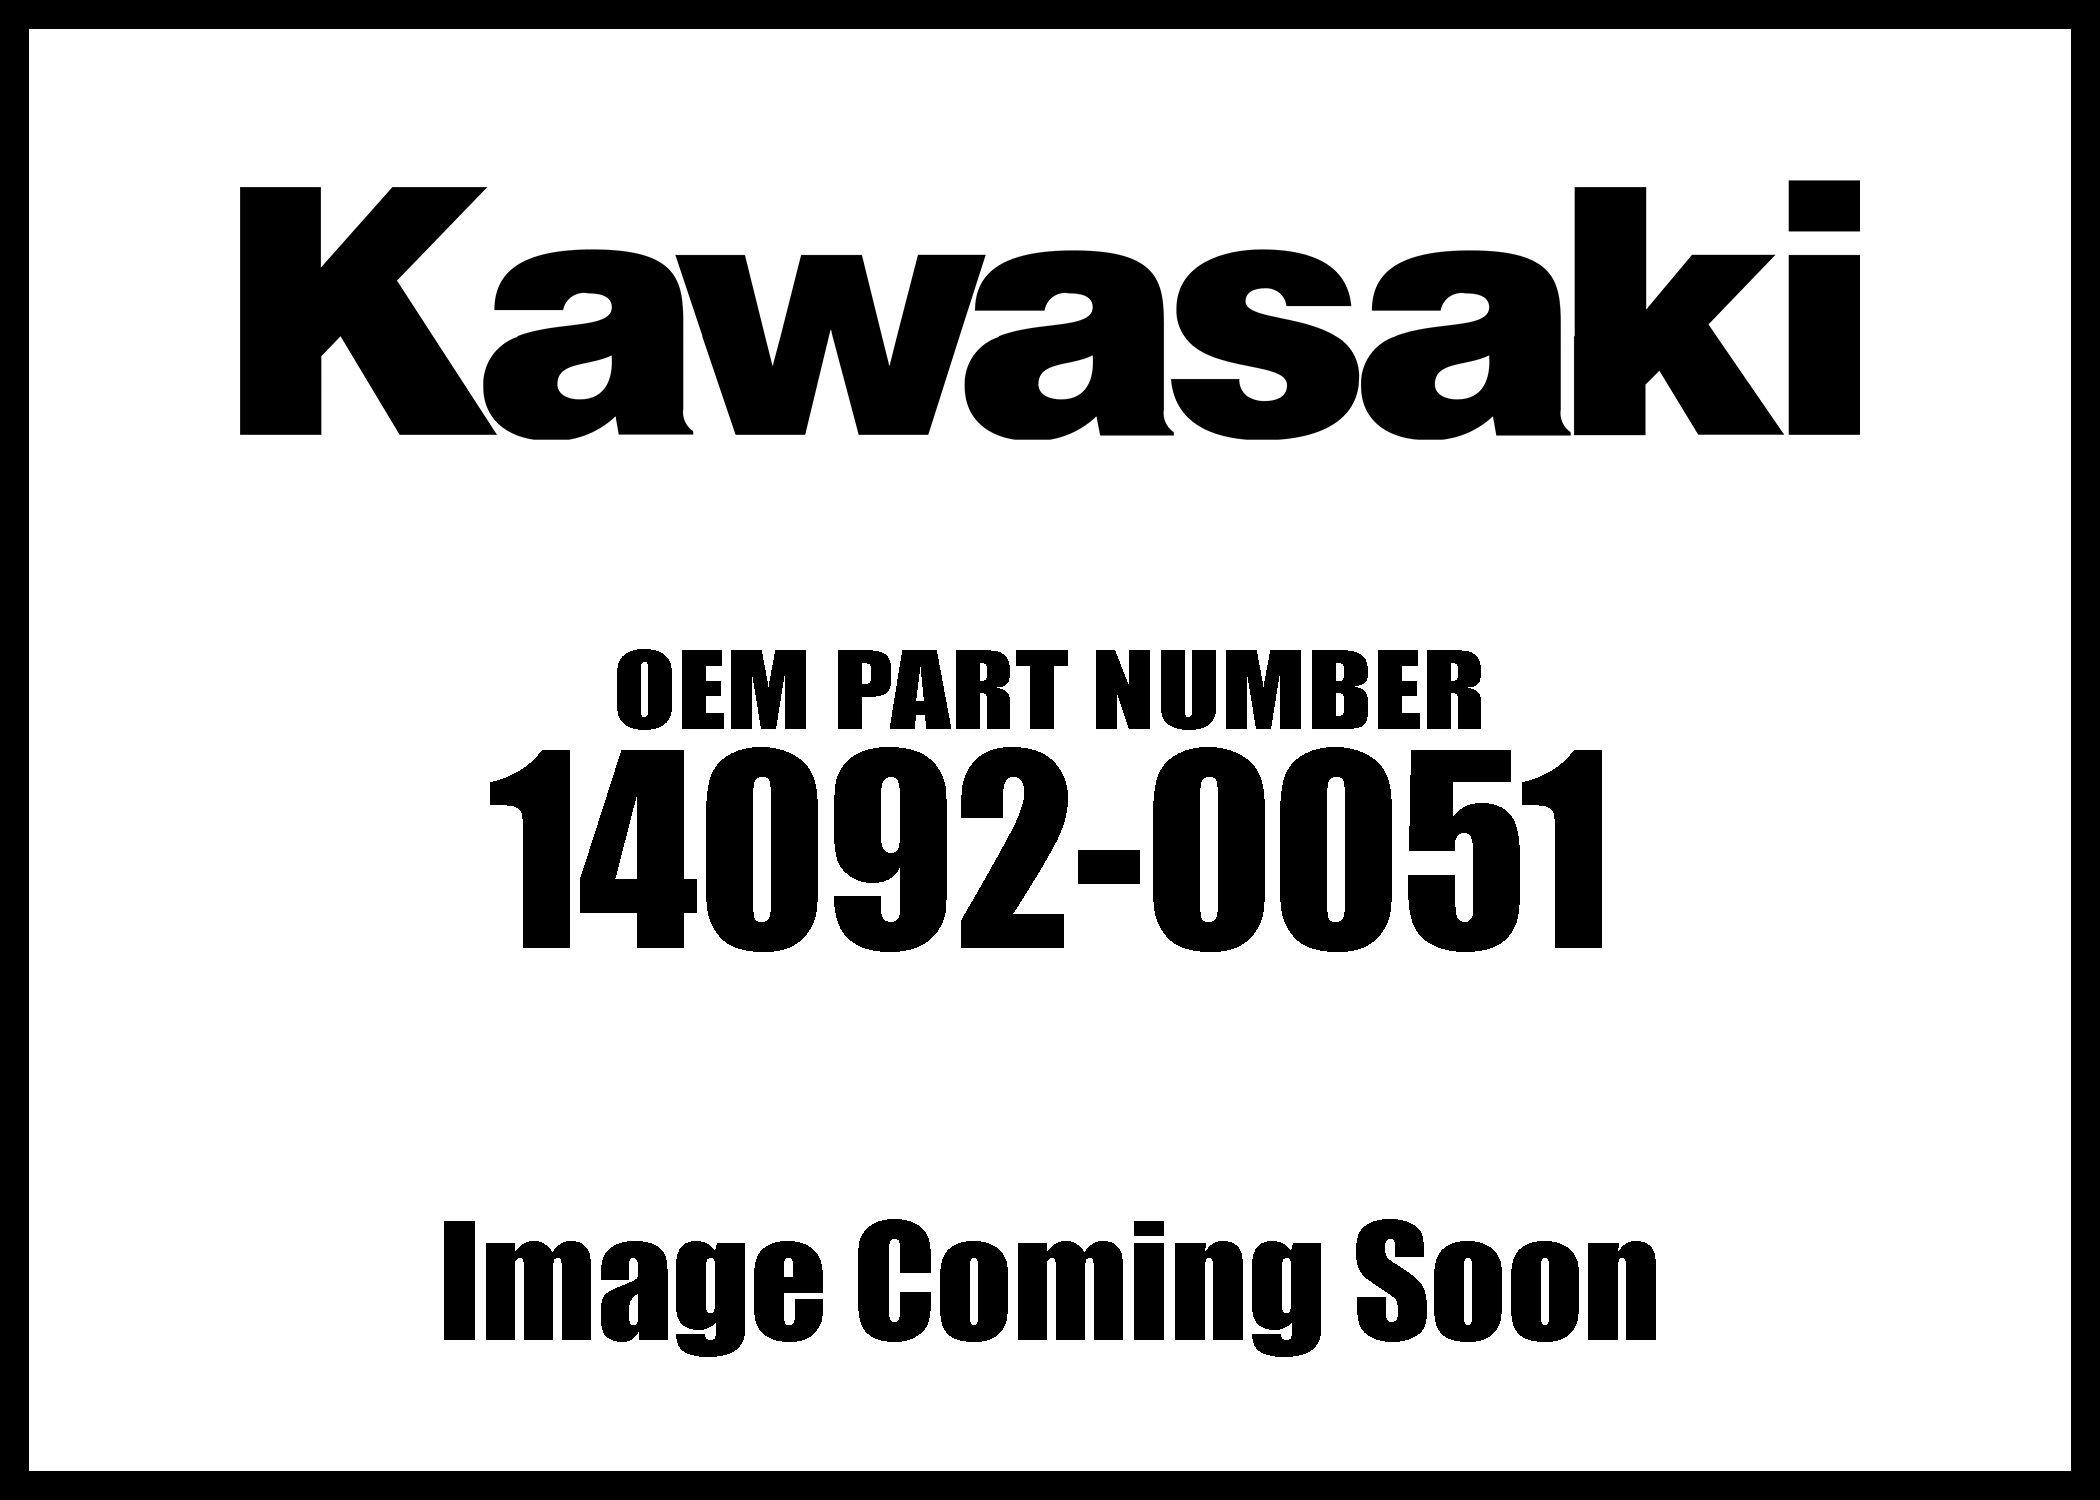 Kawasaki 2009-2012 Teryx 750 Fi 4X4 Teryx 750 Fi 4X4 Sport Heat Cover 14092-0051 New Oem